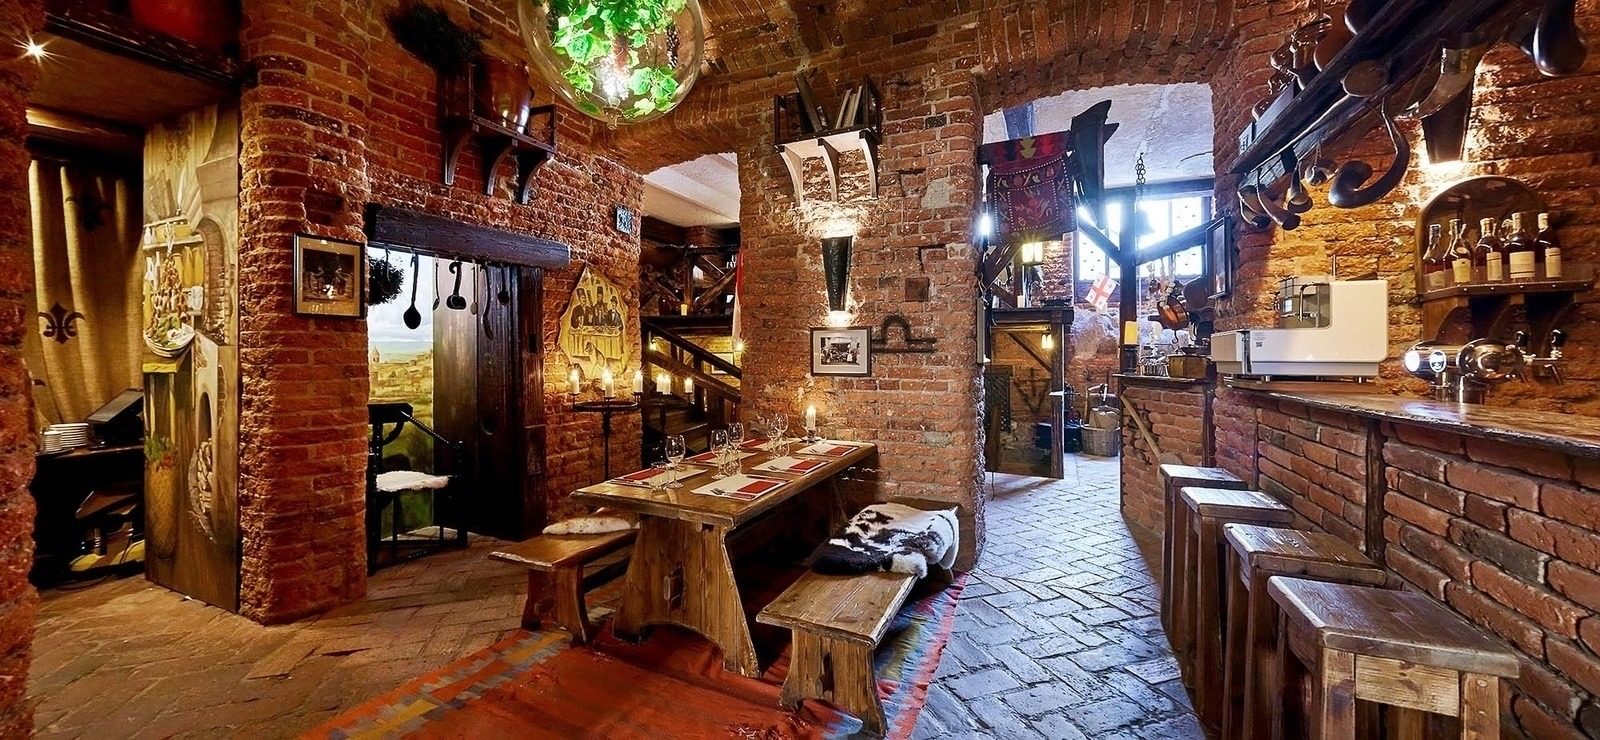 Кафе кавказской кухни  на Садовой